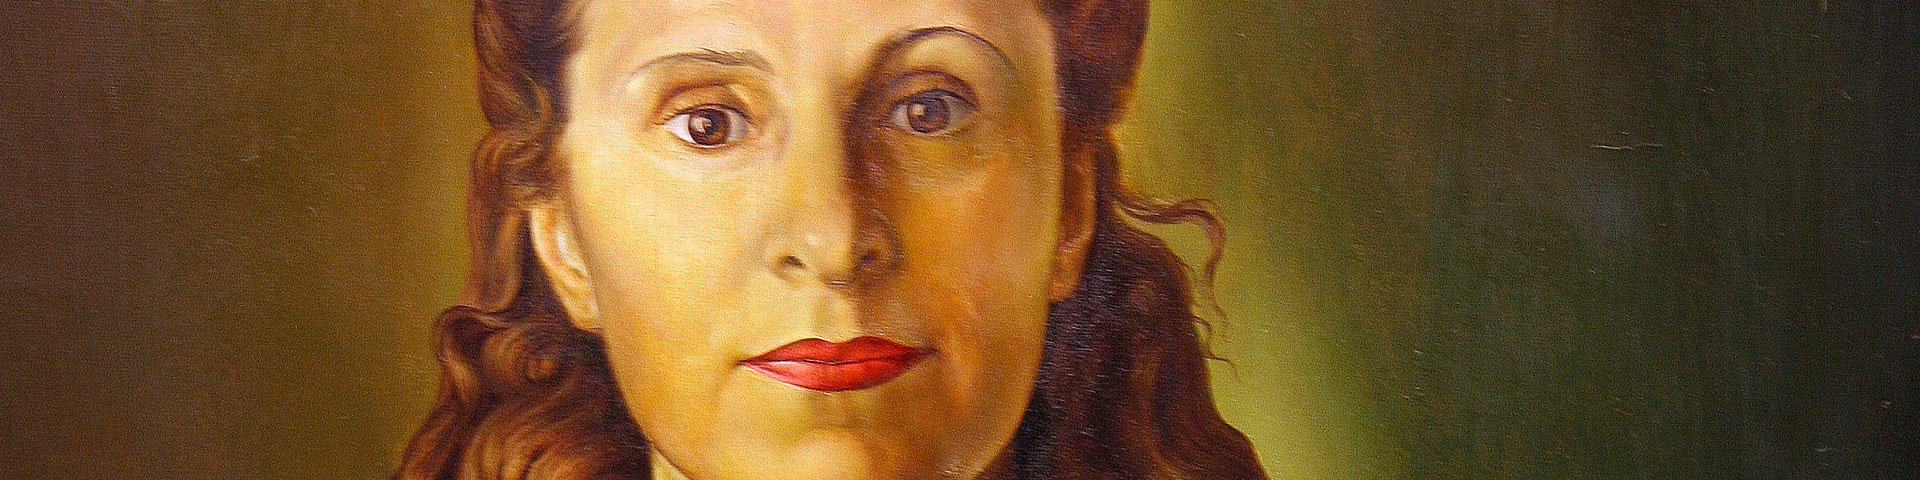 Gala Salvador Dalí: el proyecto de vida